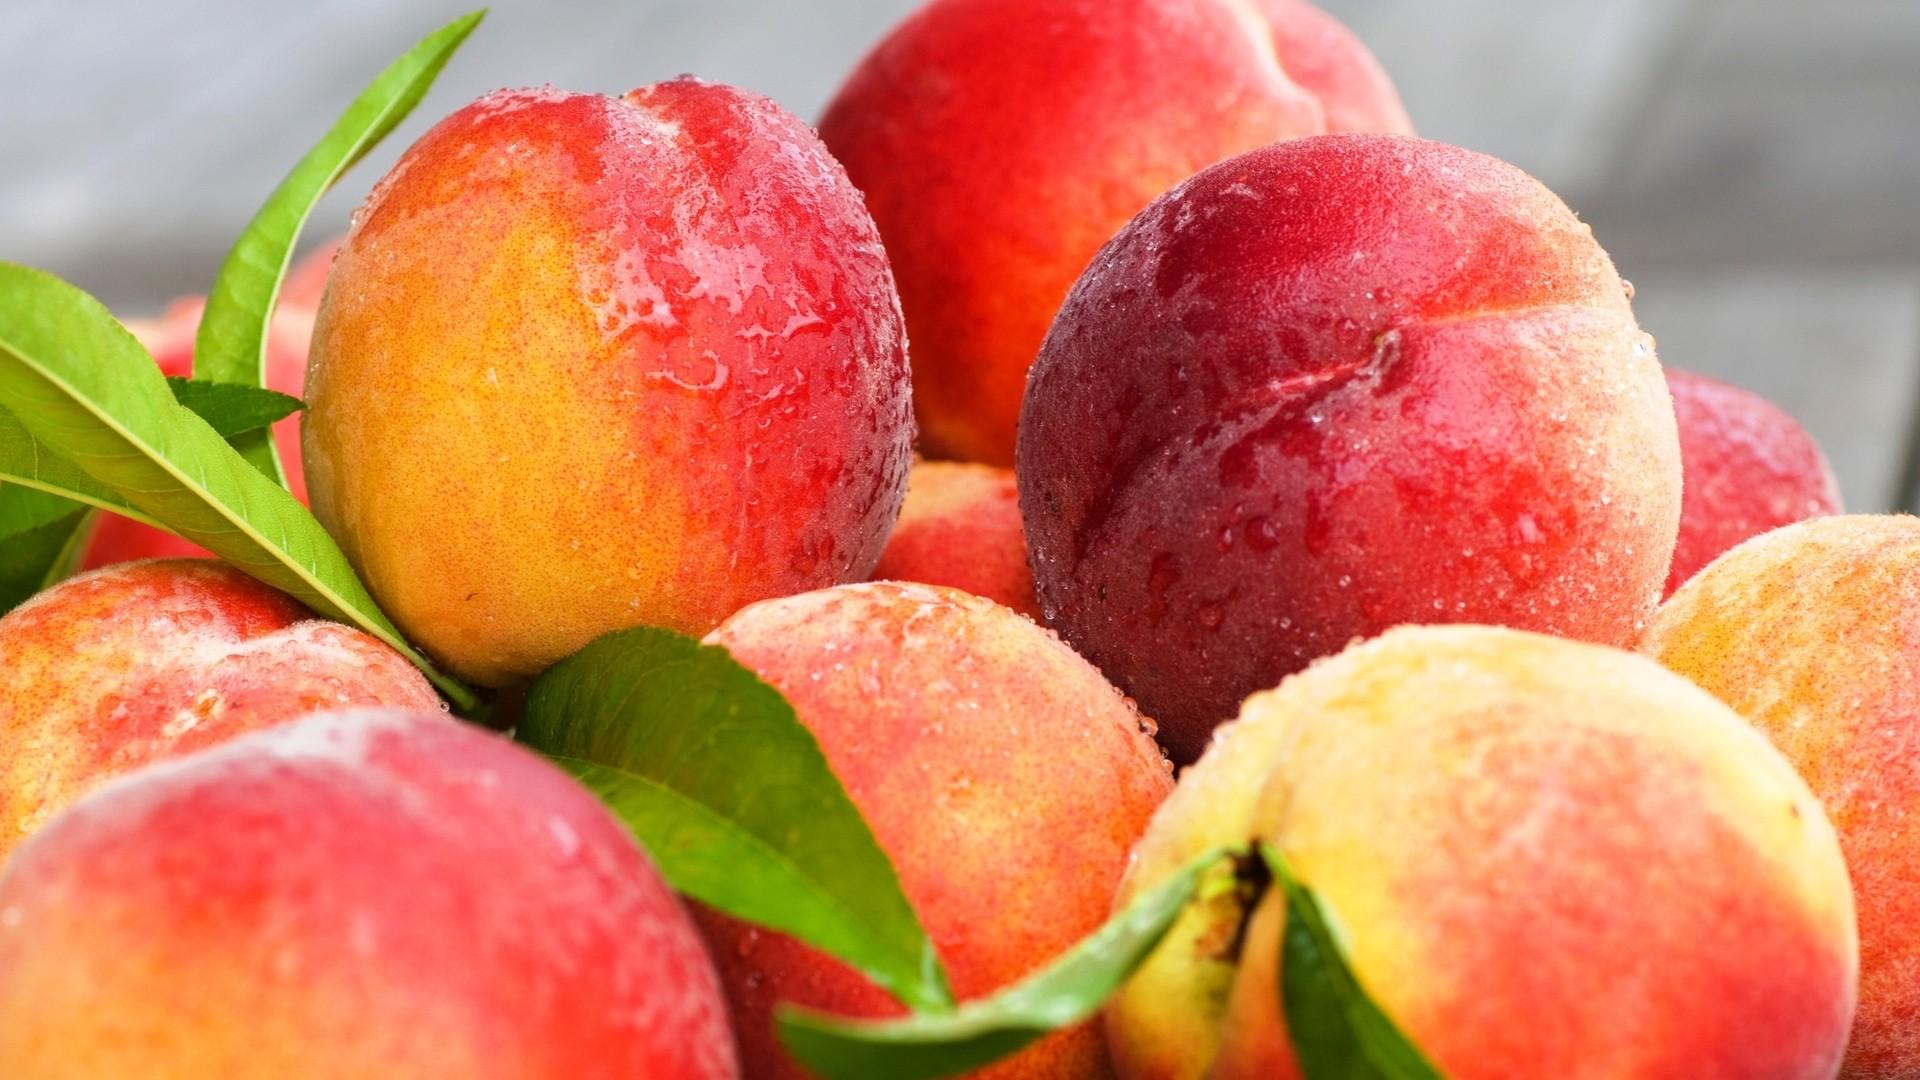 Fruit Wallpaper for pc